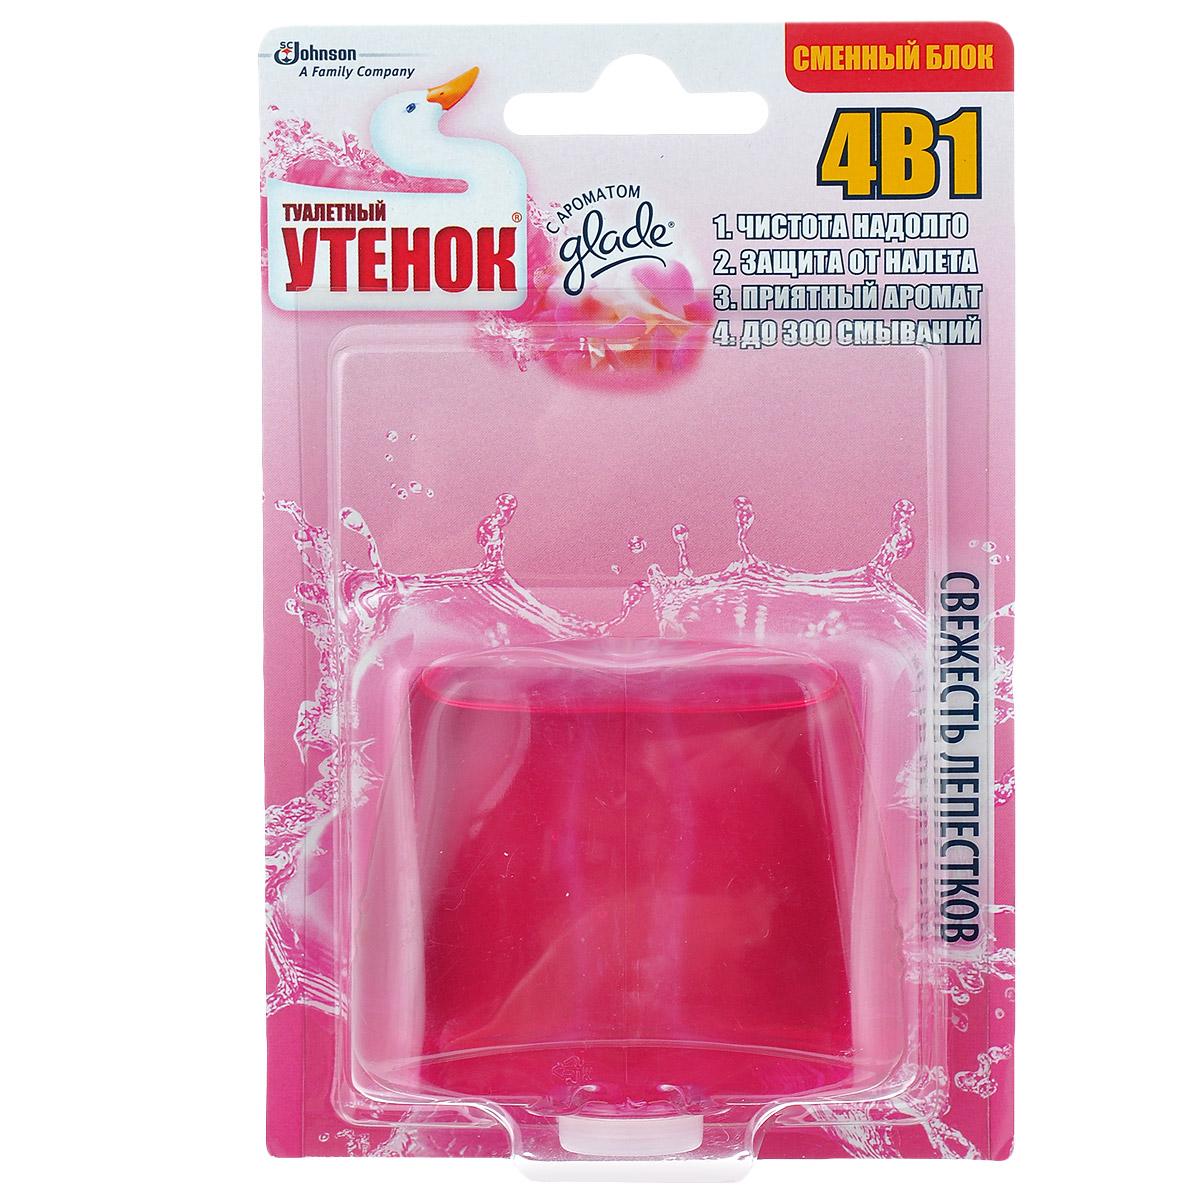 Подвесной очиститель унитаза Туалетный утенок 4в1, свежесть лепестков, сменный блок, 55 мл подвесной очиститель унитаза туалетный утенок 4в1 лесная свежесть основной блок 55 мл